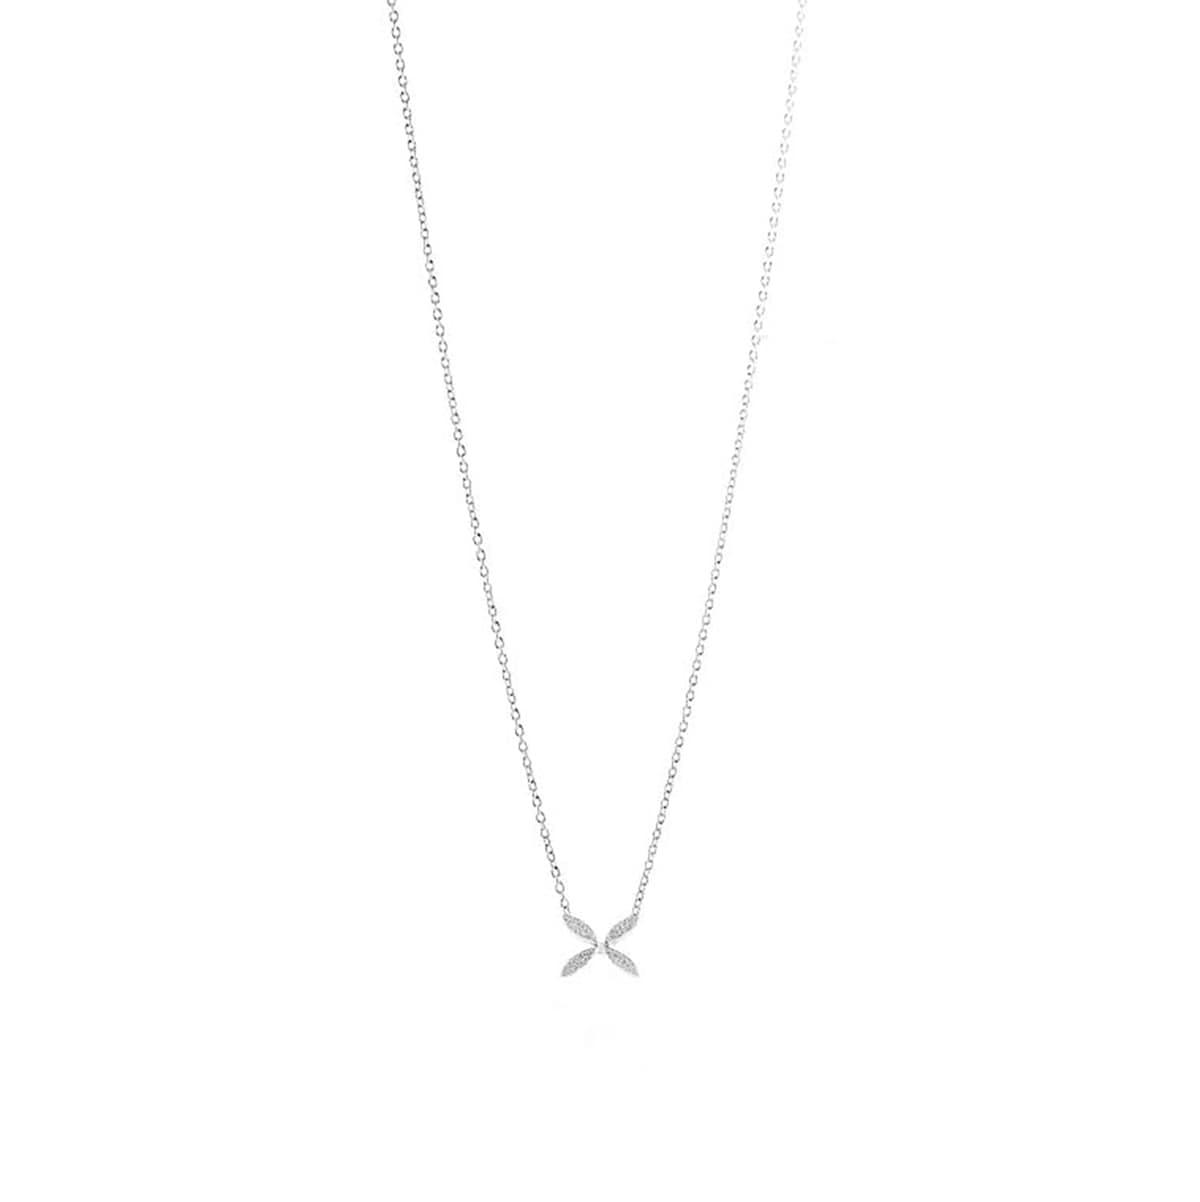 Gynning_Jewelry_s206_hos_Jarl_Sandin